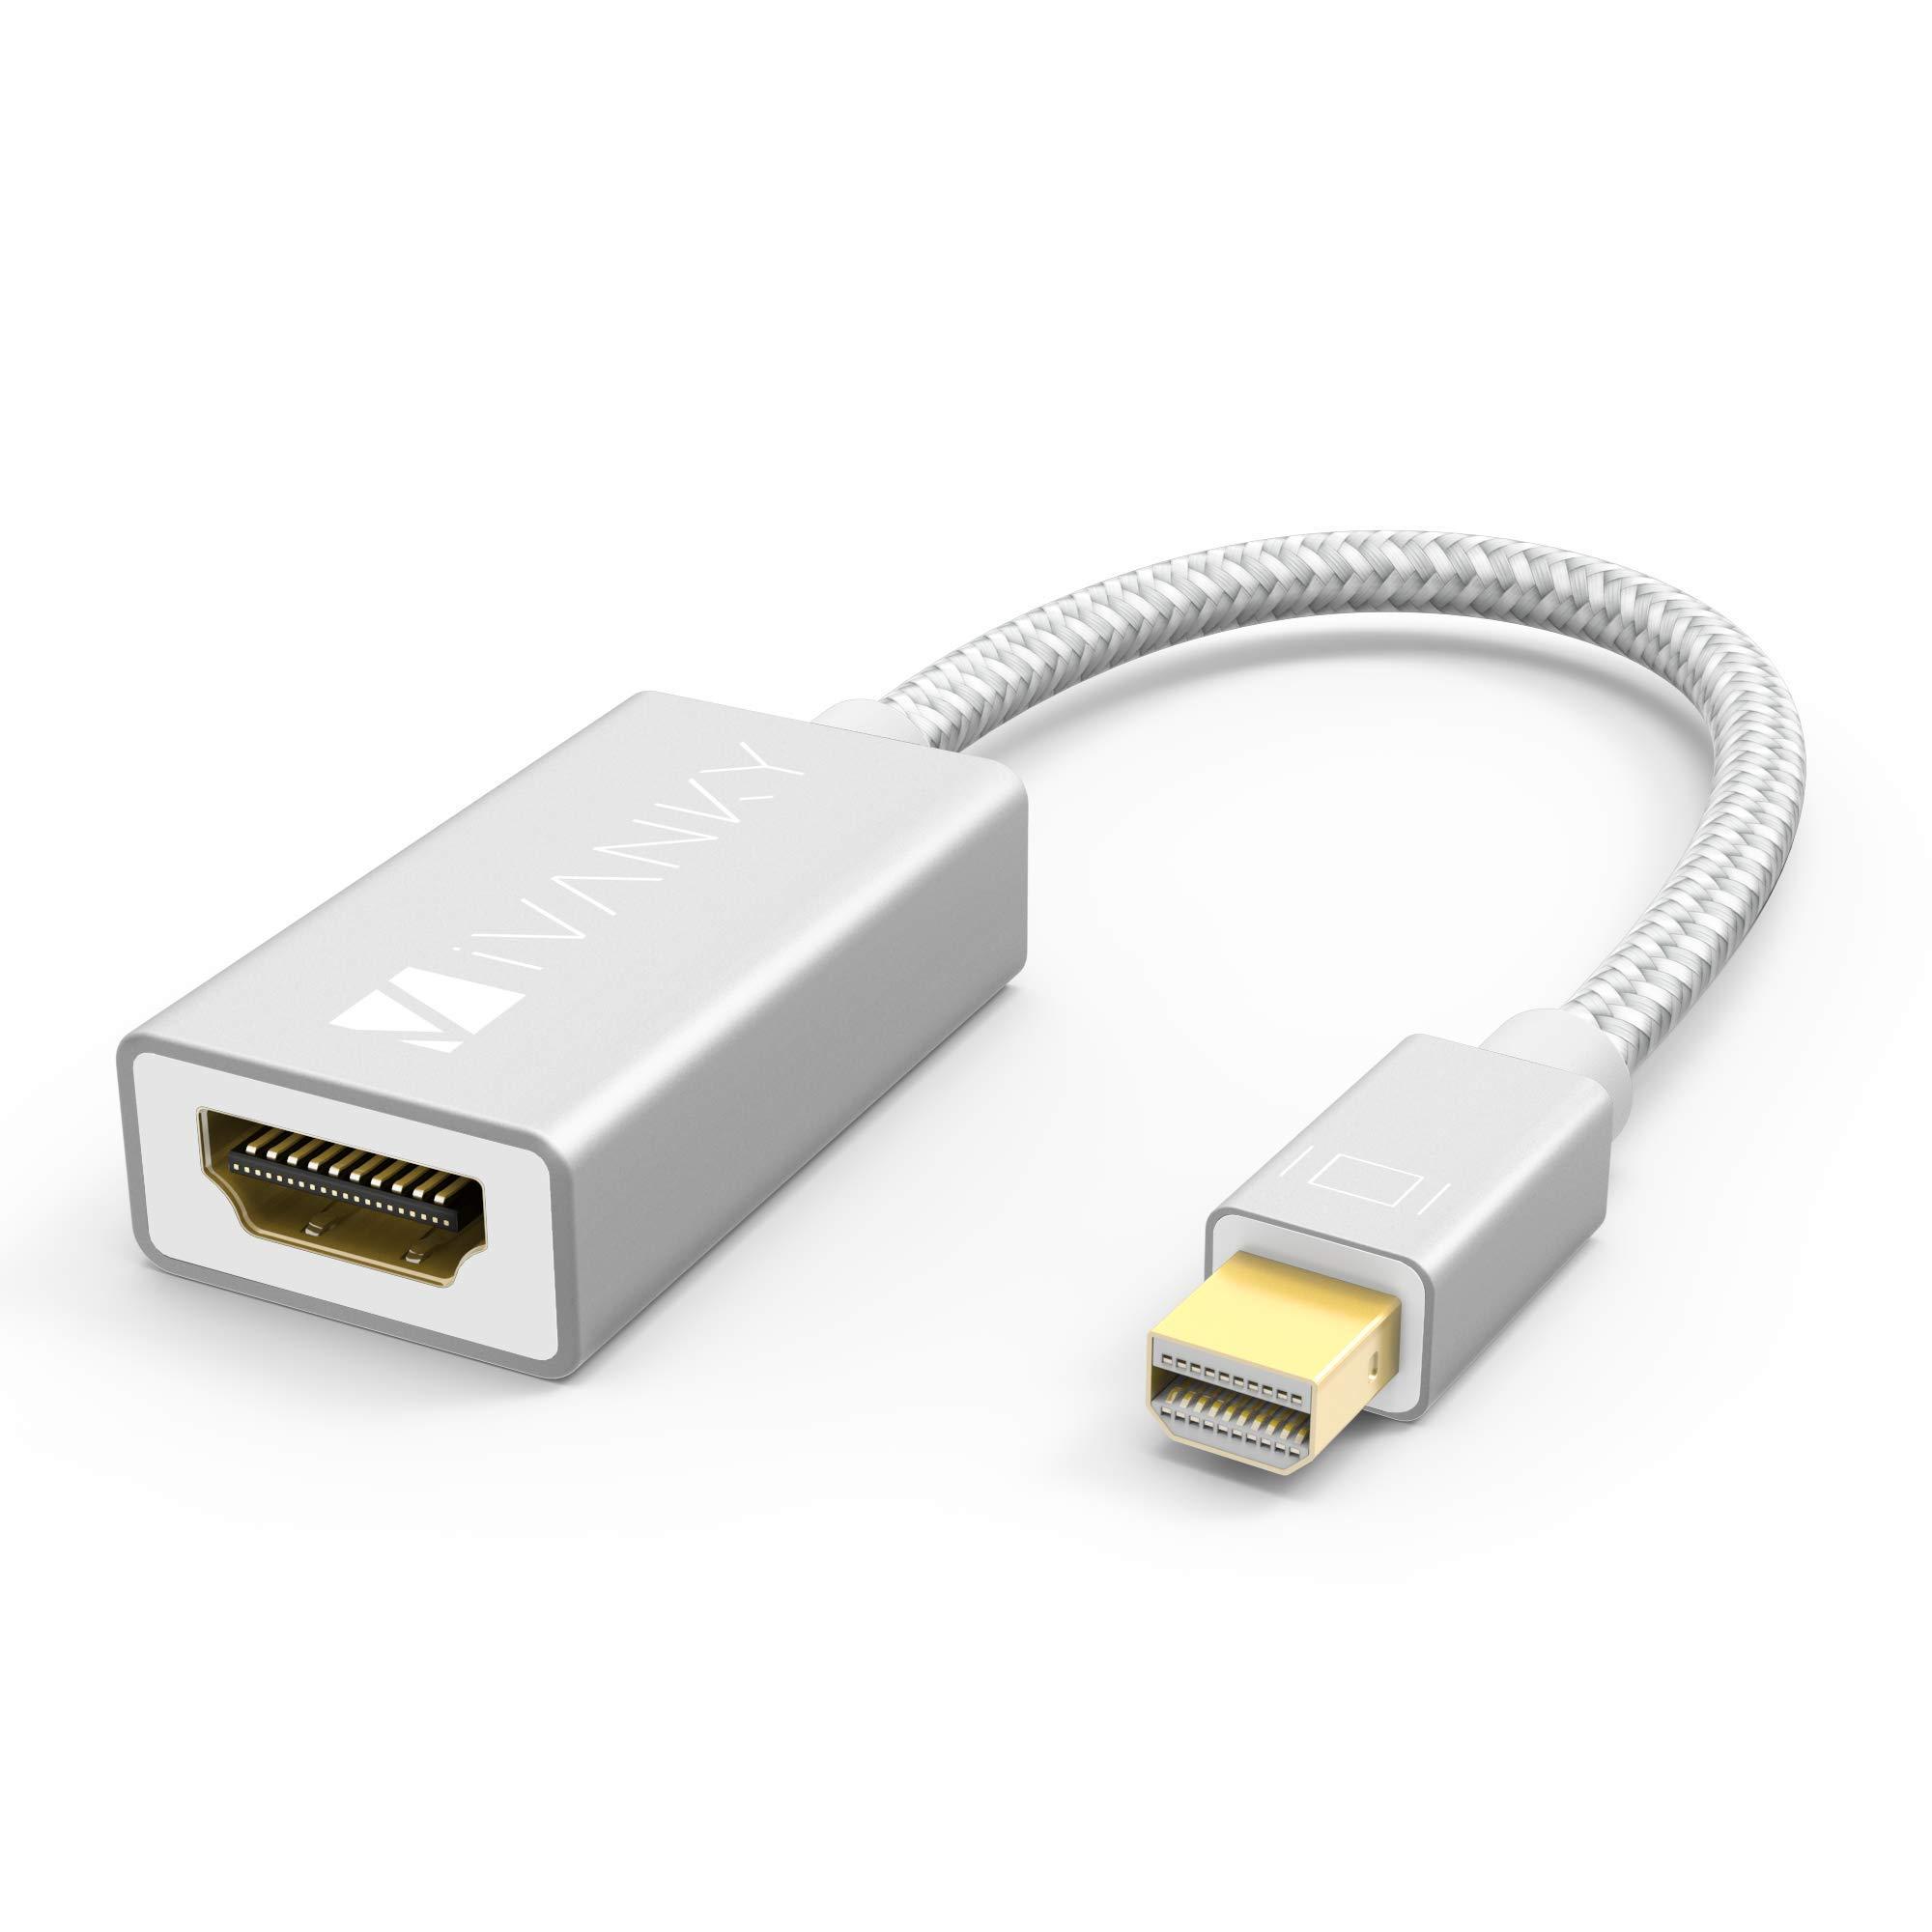 iVanky Adaptador Mini DisplayPort a HDMI (Cabezales de Aluminio, Conexión Fácil) Adaptador Thunderbolt a HDMI Compatible con Microsoft Surface Pro, ...